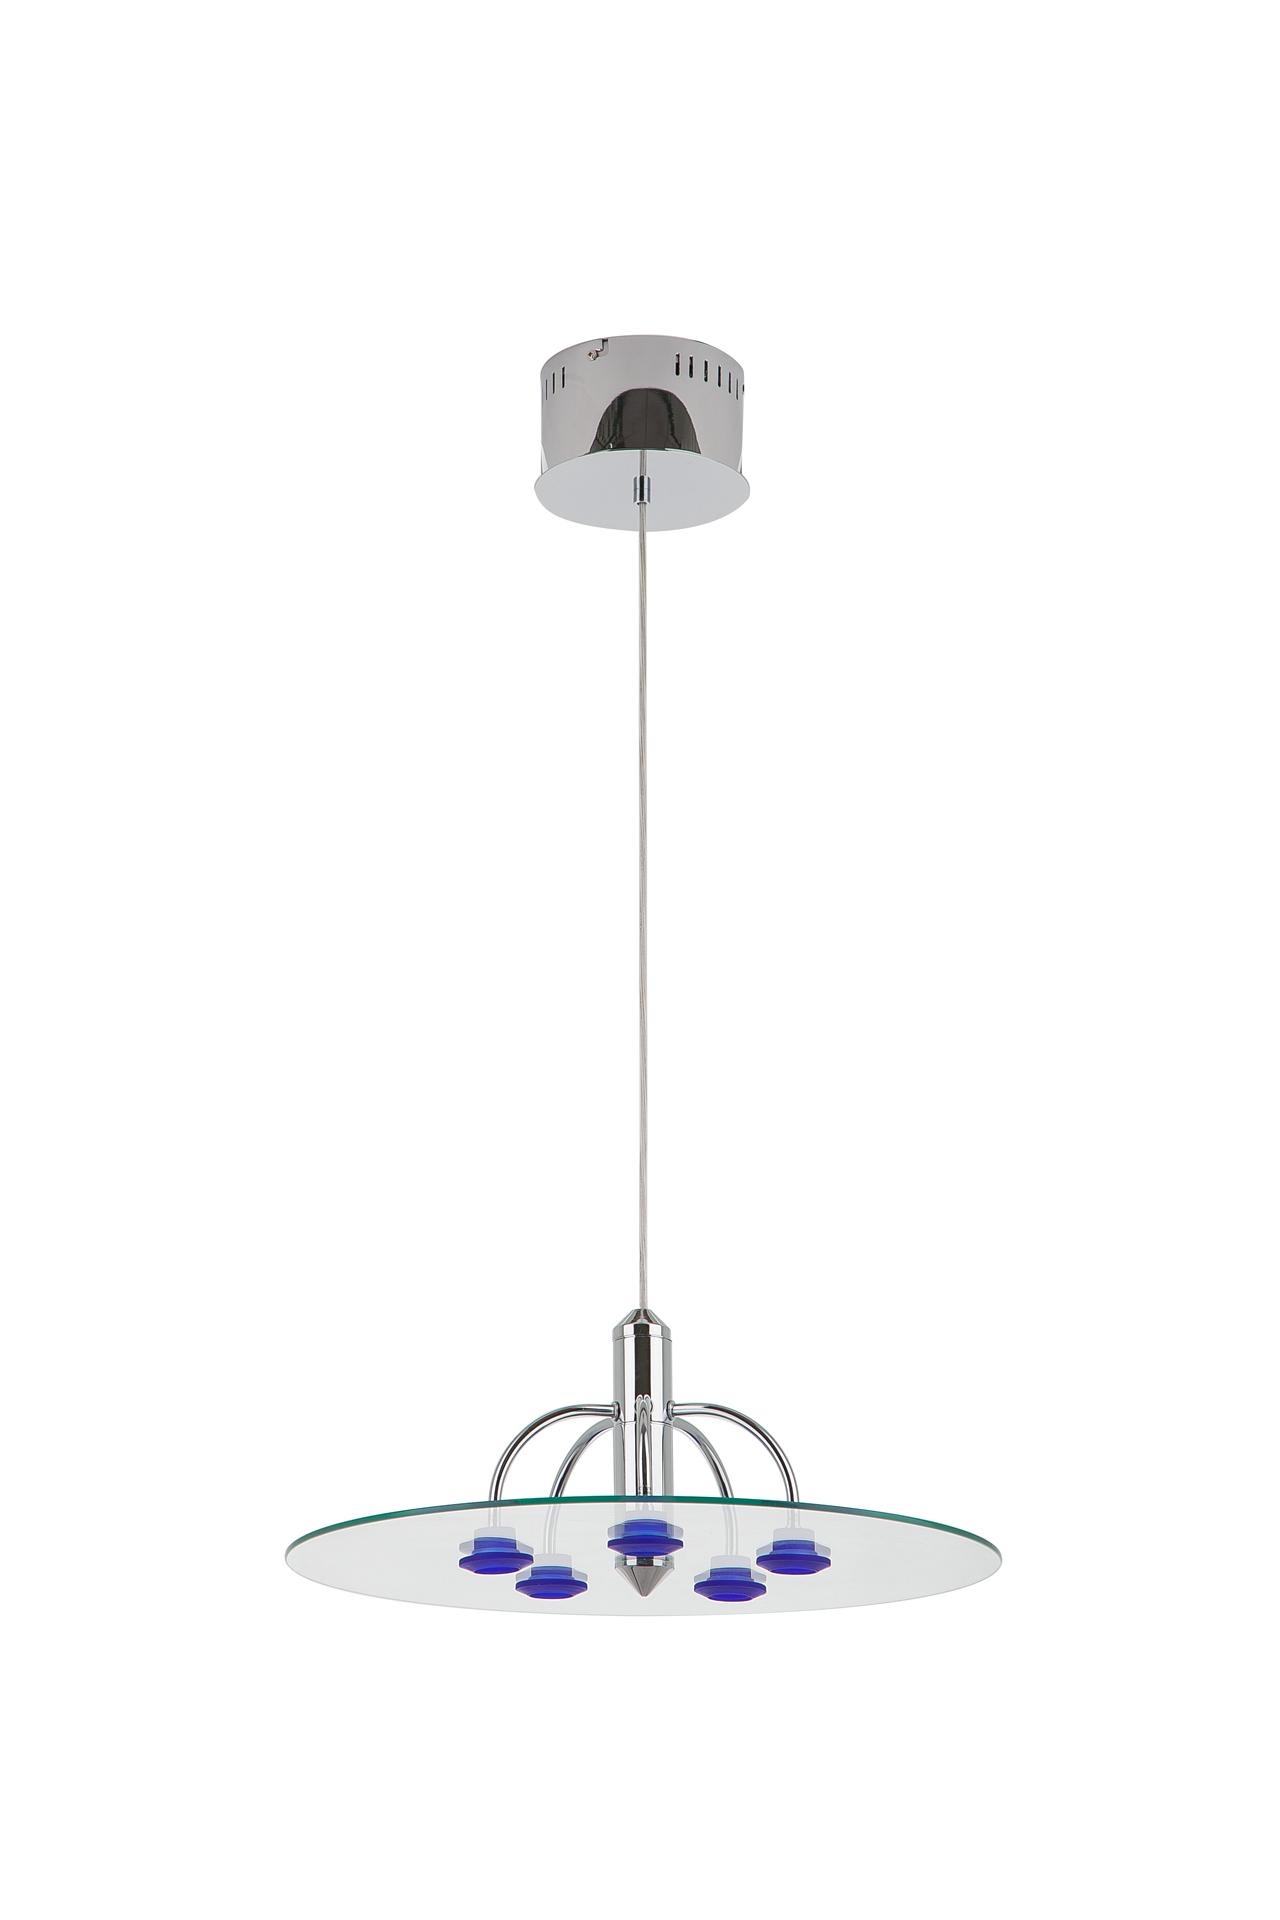 {} CRYSTAL LIGHT Подвесной светильник Umay (48 см) crystal light светильник подвесной copacabana 20х40 см